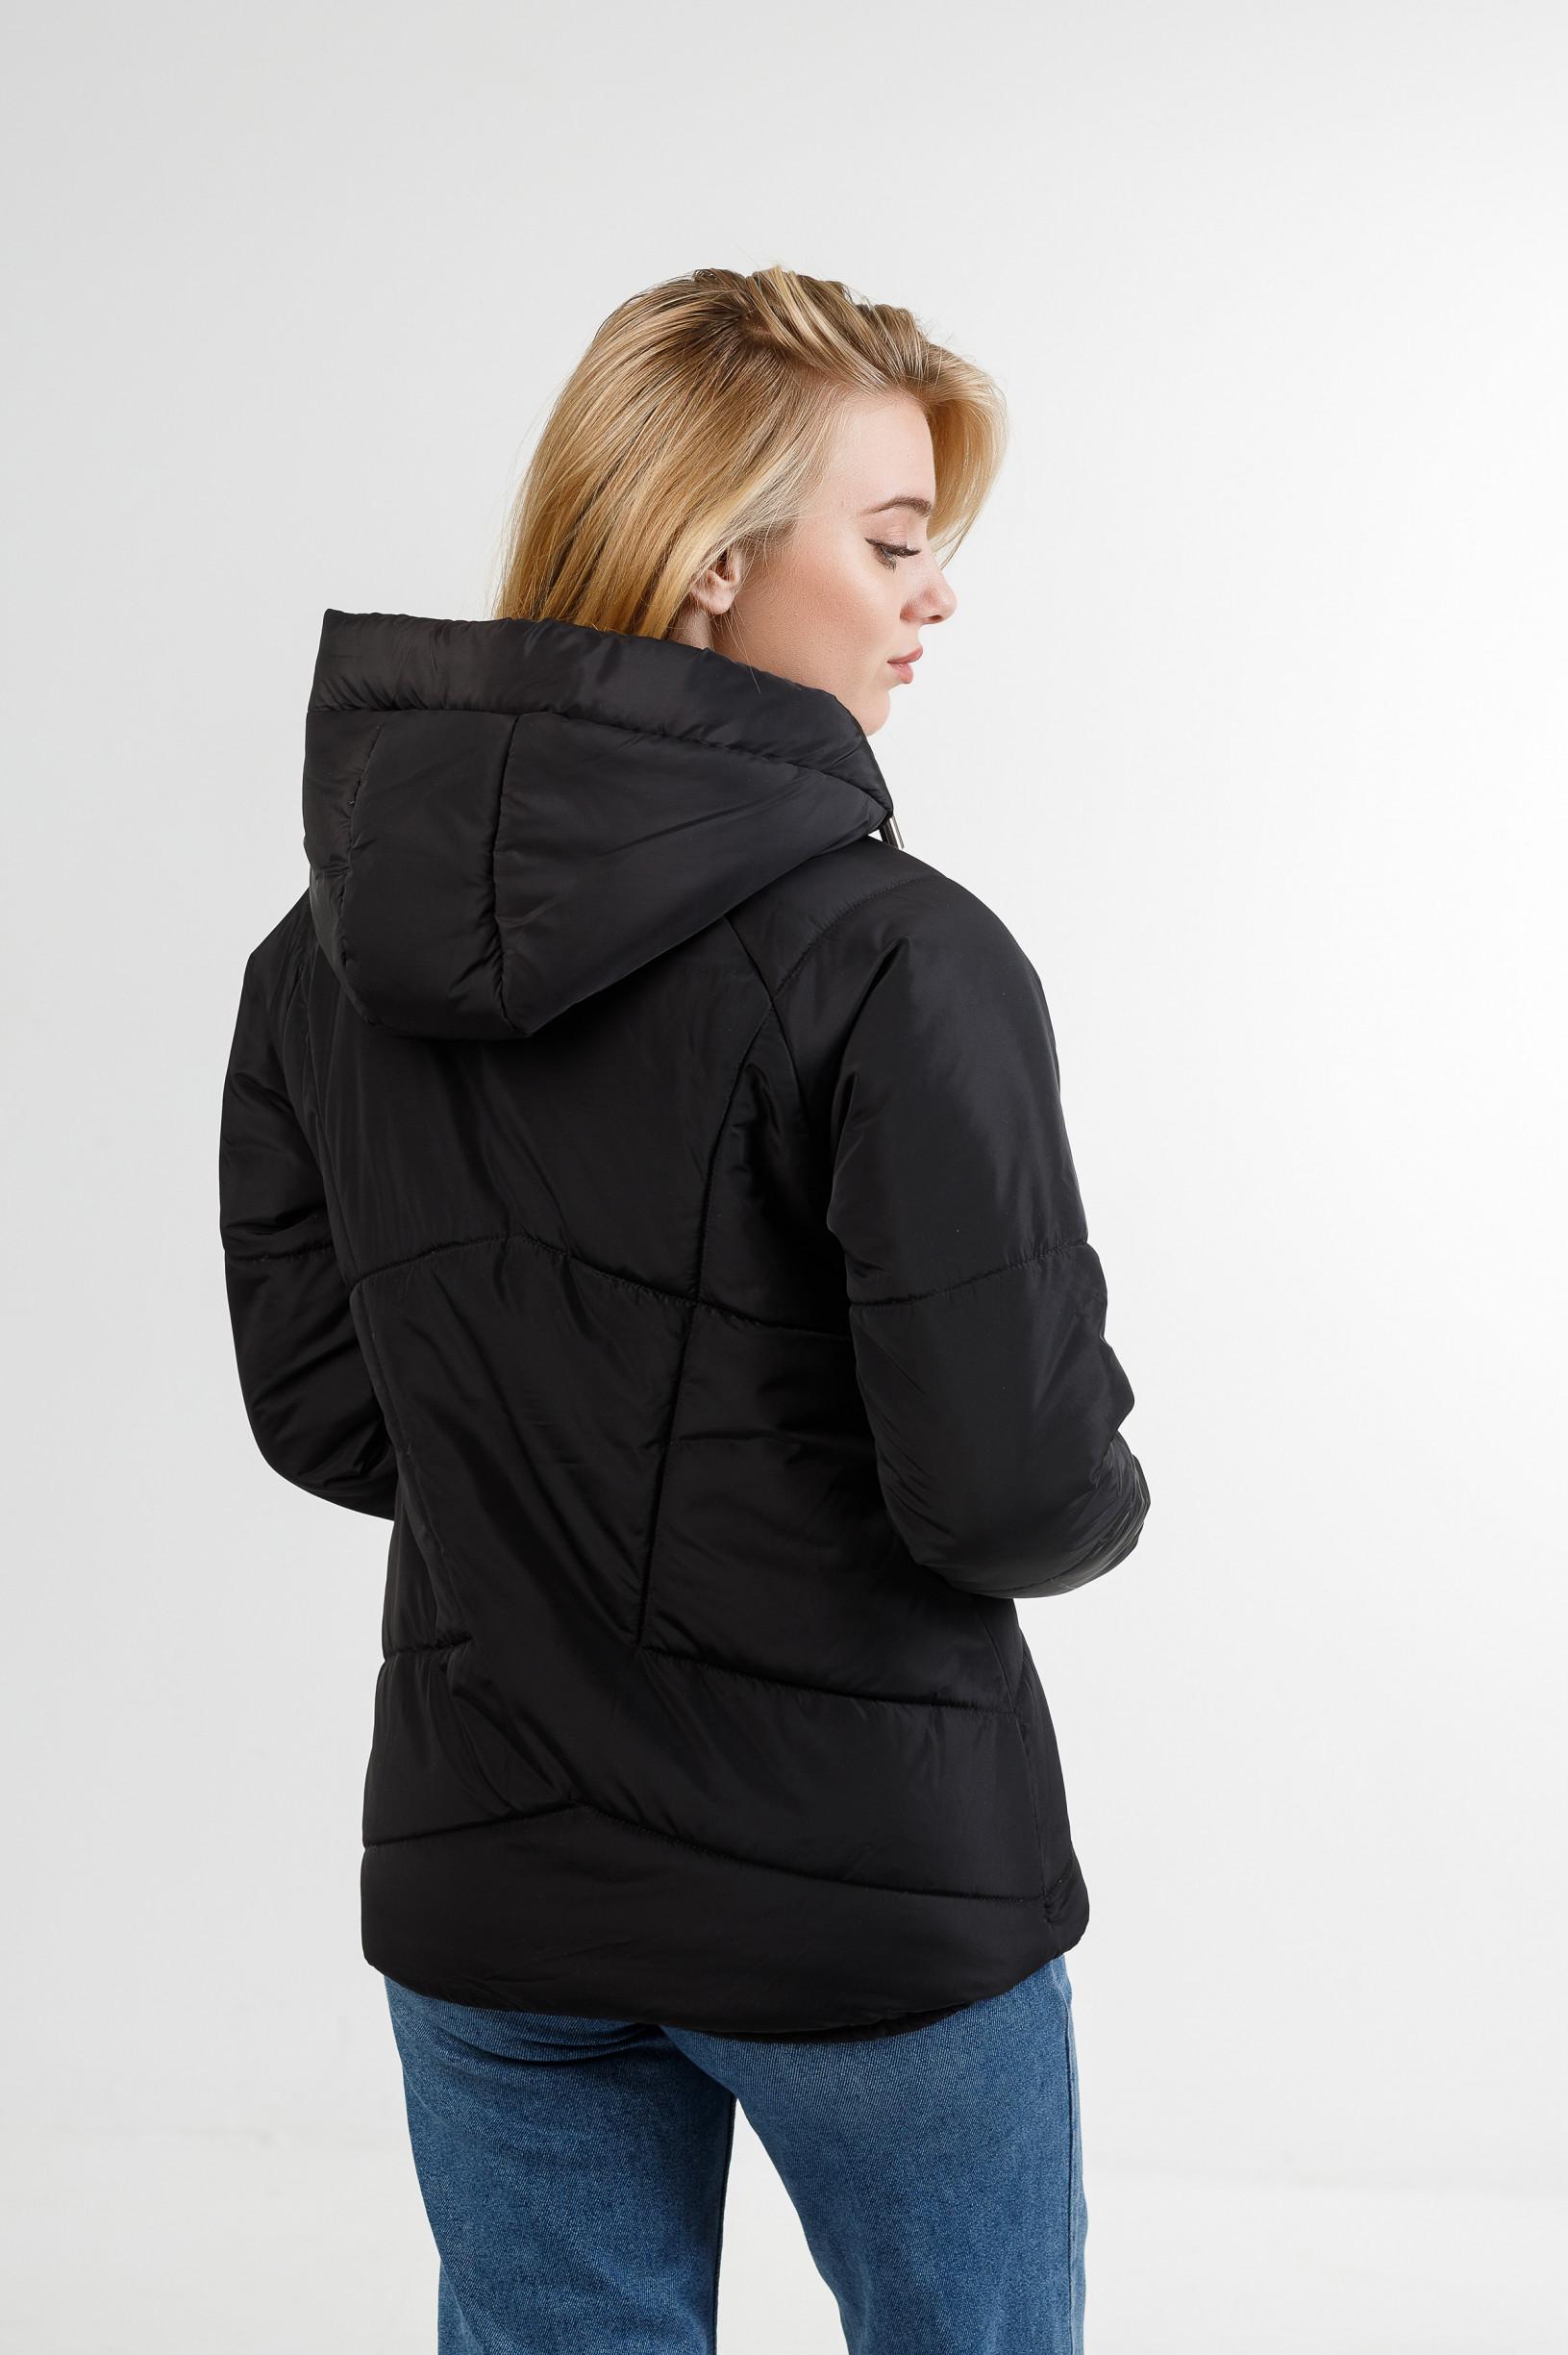 Демисезонная женская куртка Берри чёрного цвета